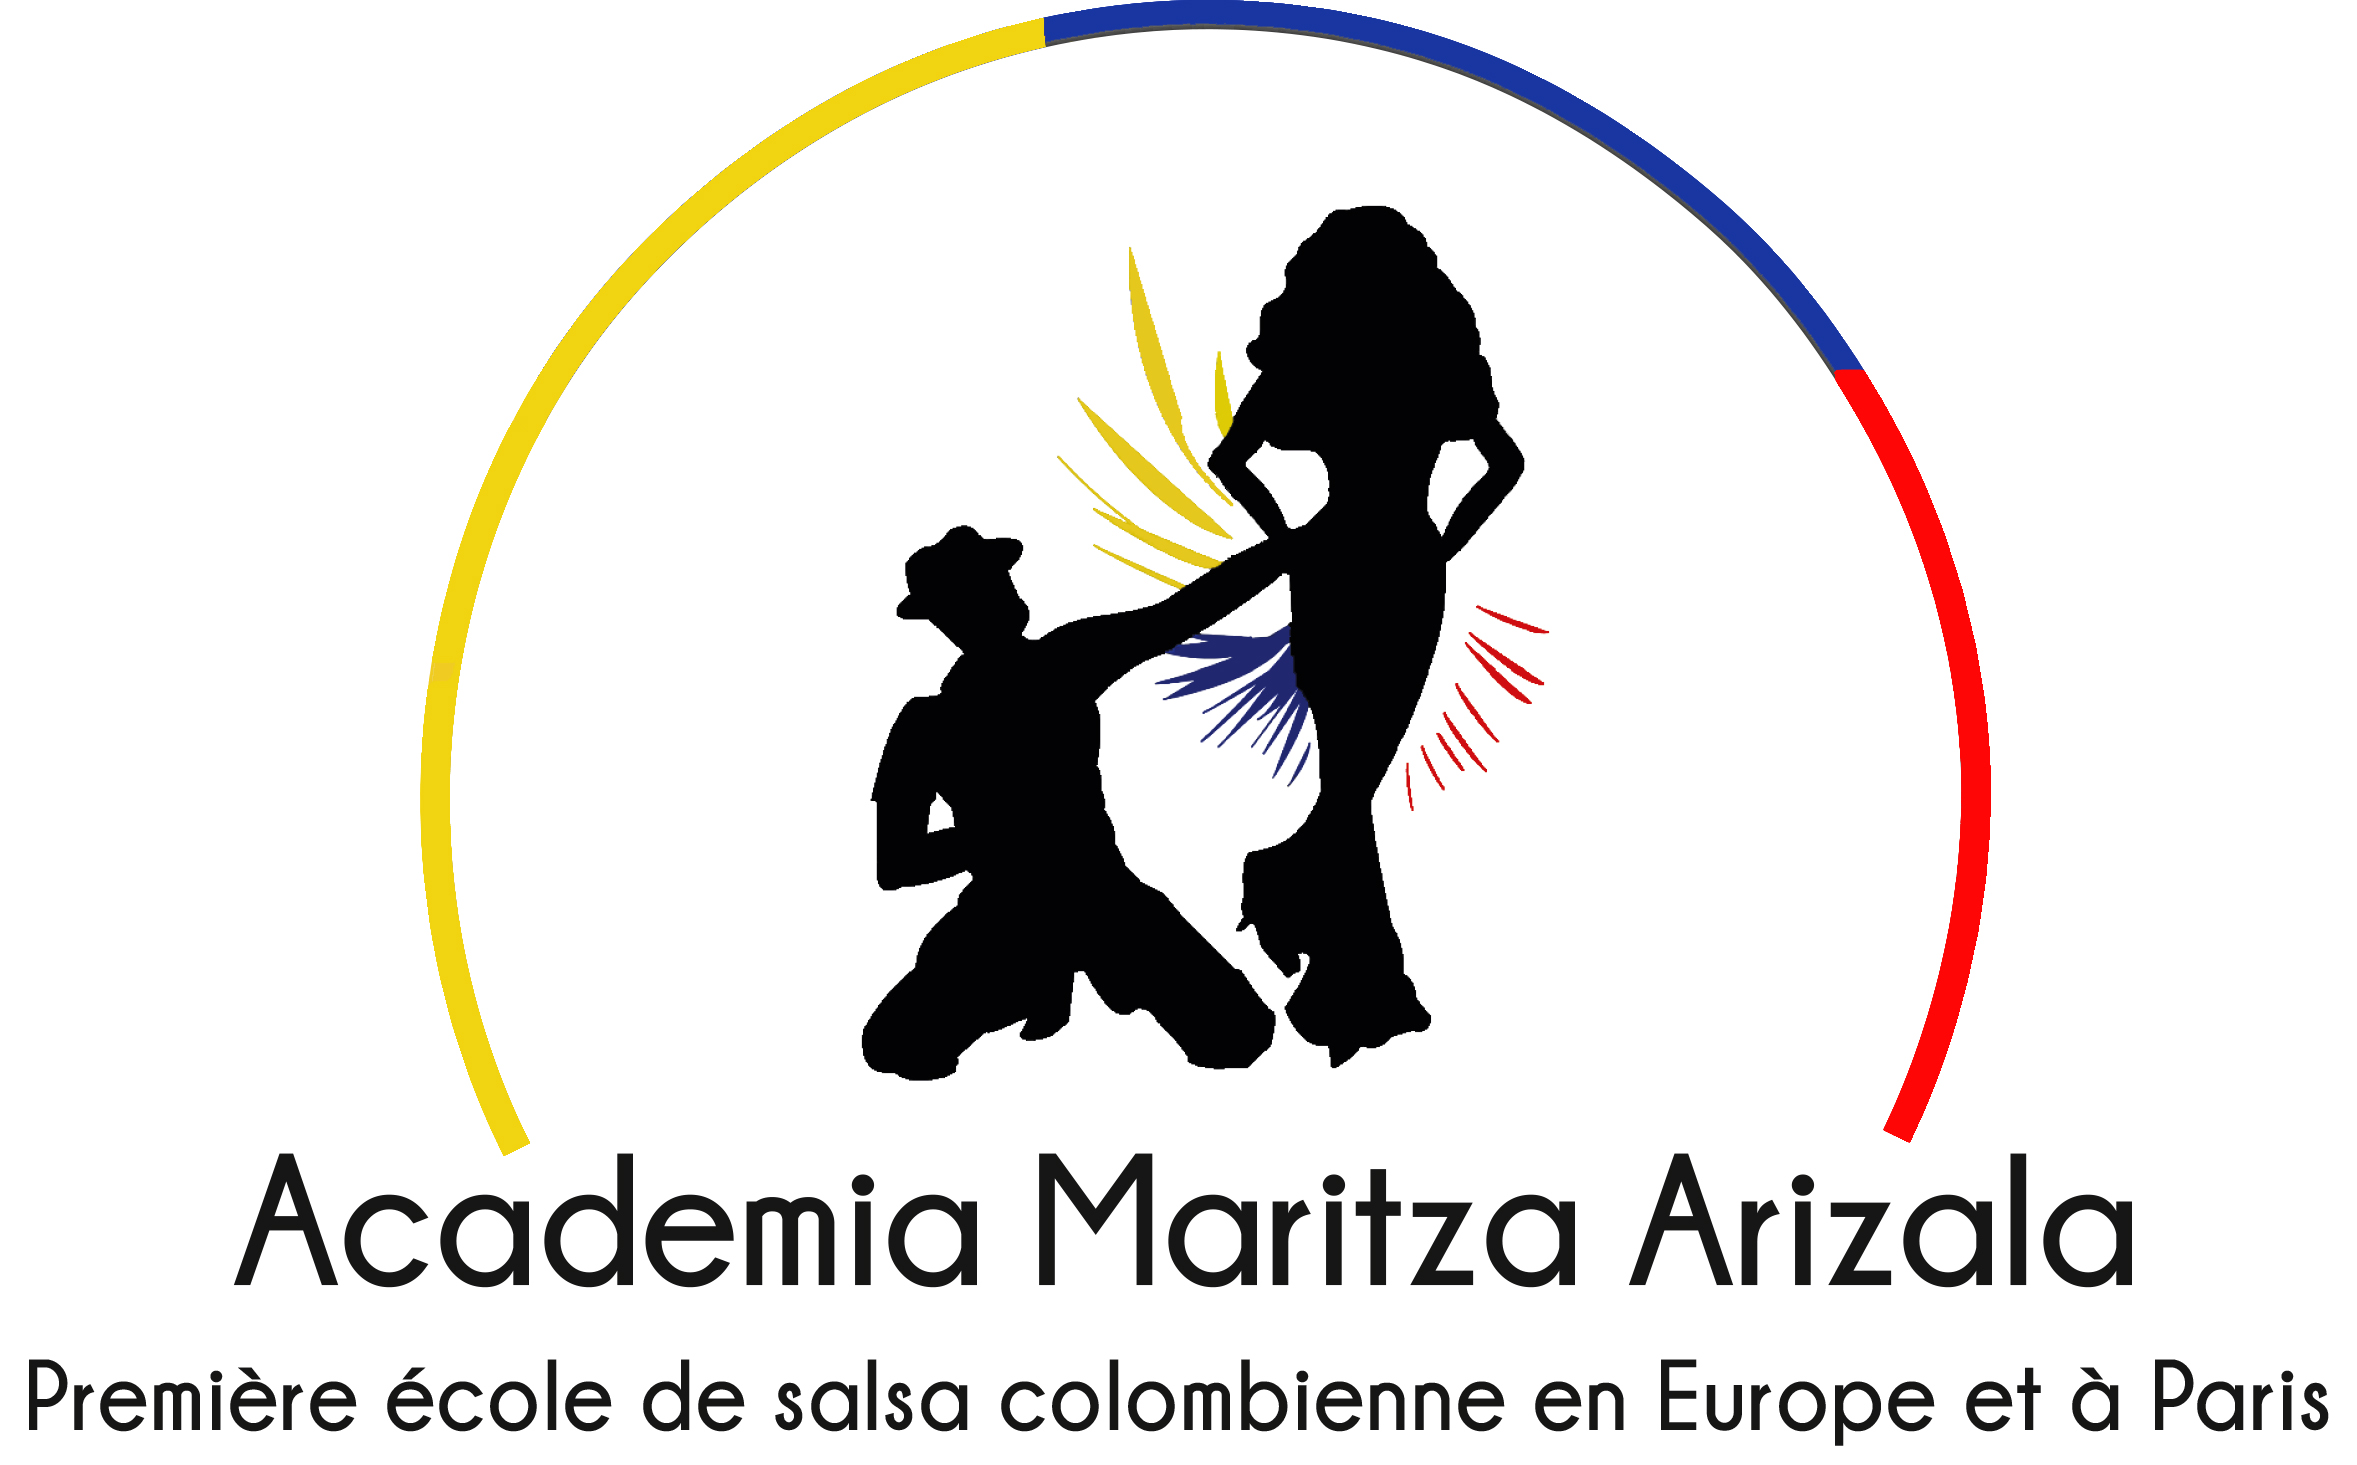 Academia Maritza Arizala - Salsa colombienne